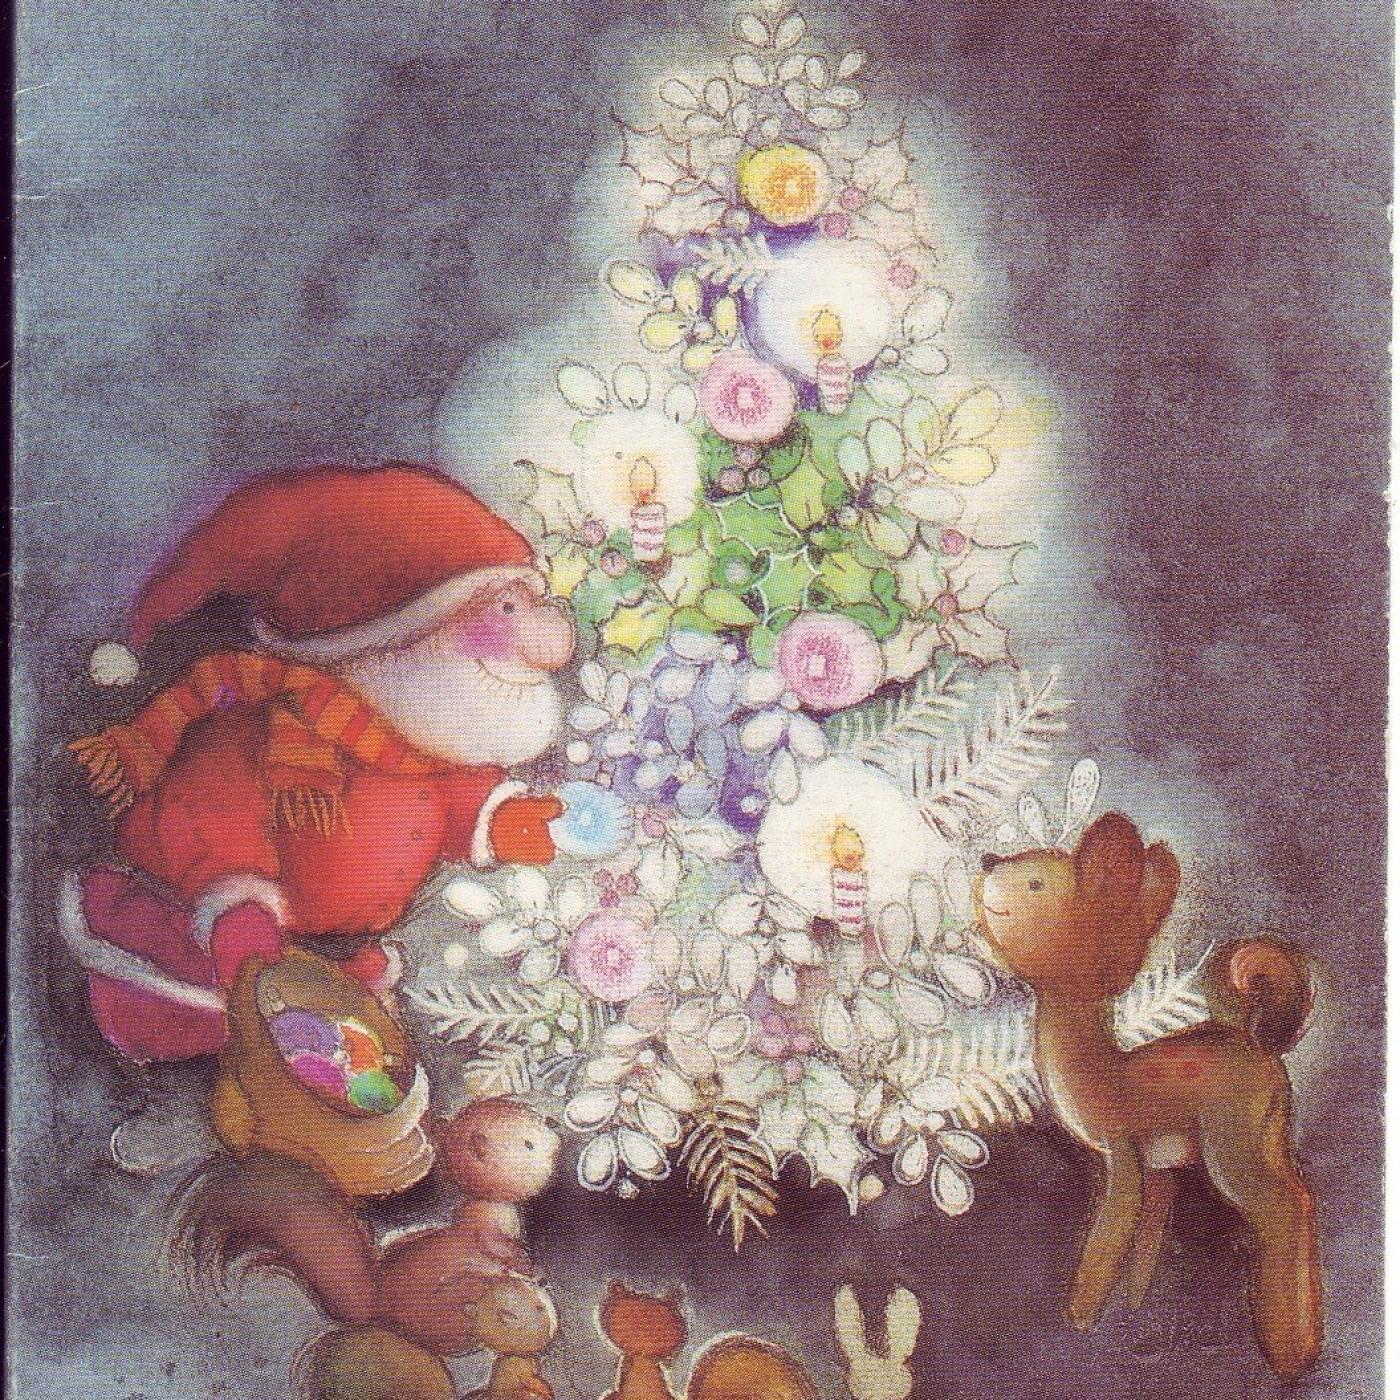 Vendredi 18 décembre 2020 - Spéciale Noël